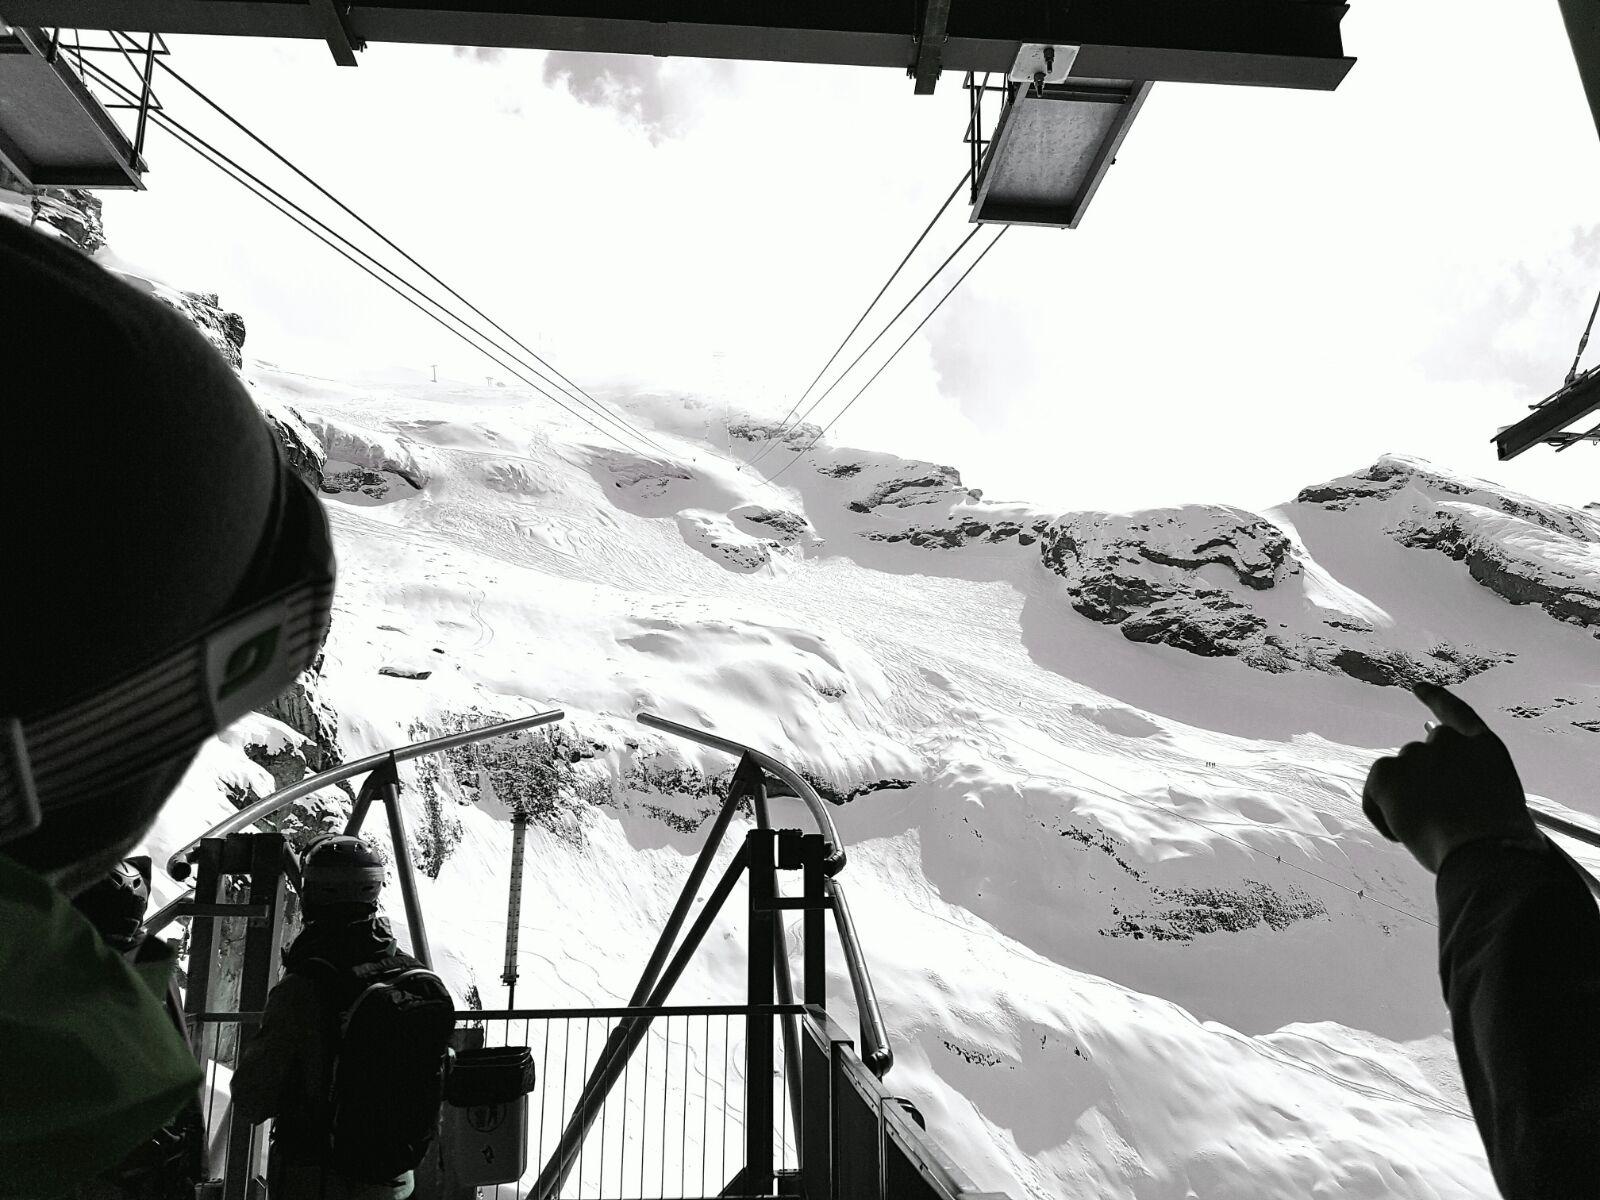 Engelberg Freeride Snowboarding